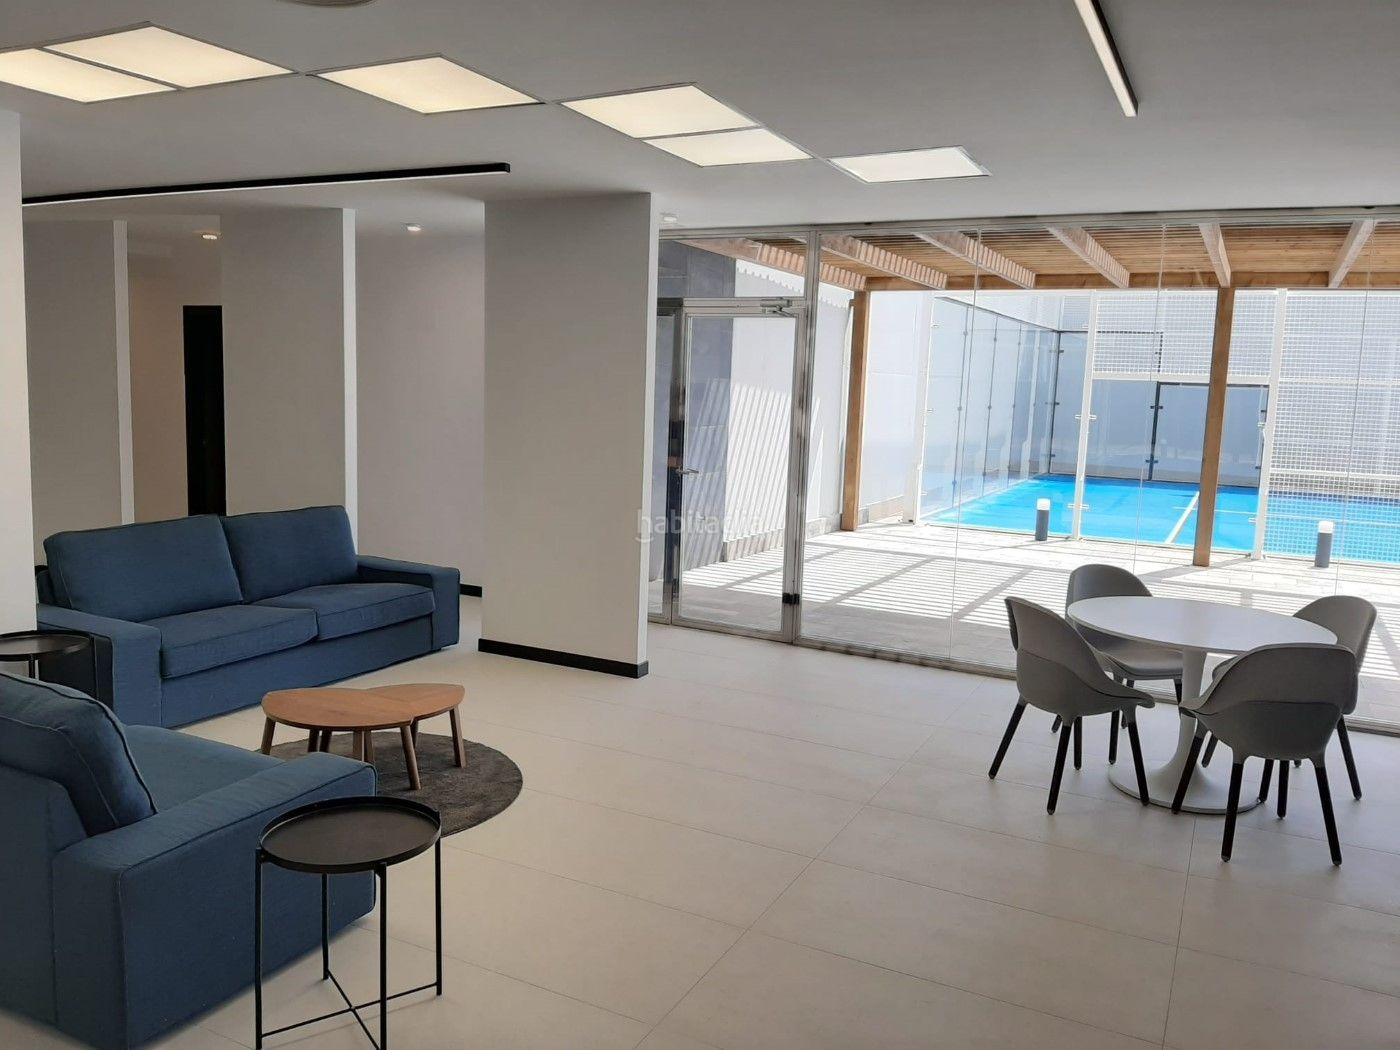 rubió i tudurí Edificio viviendas Obra nueva Sant Just Desvern